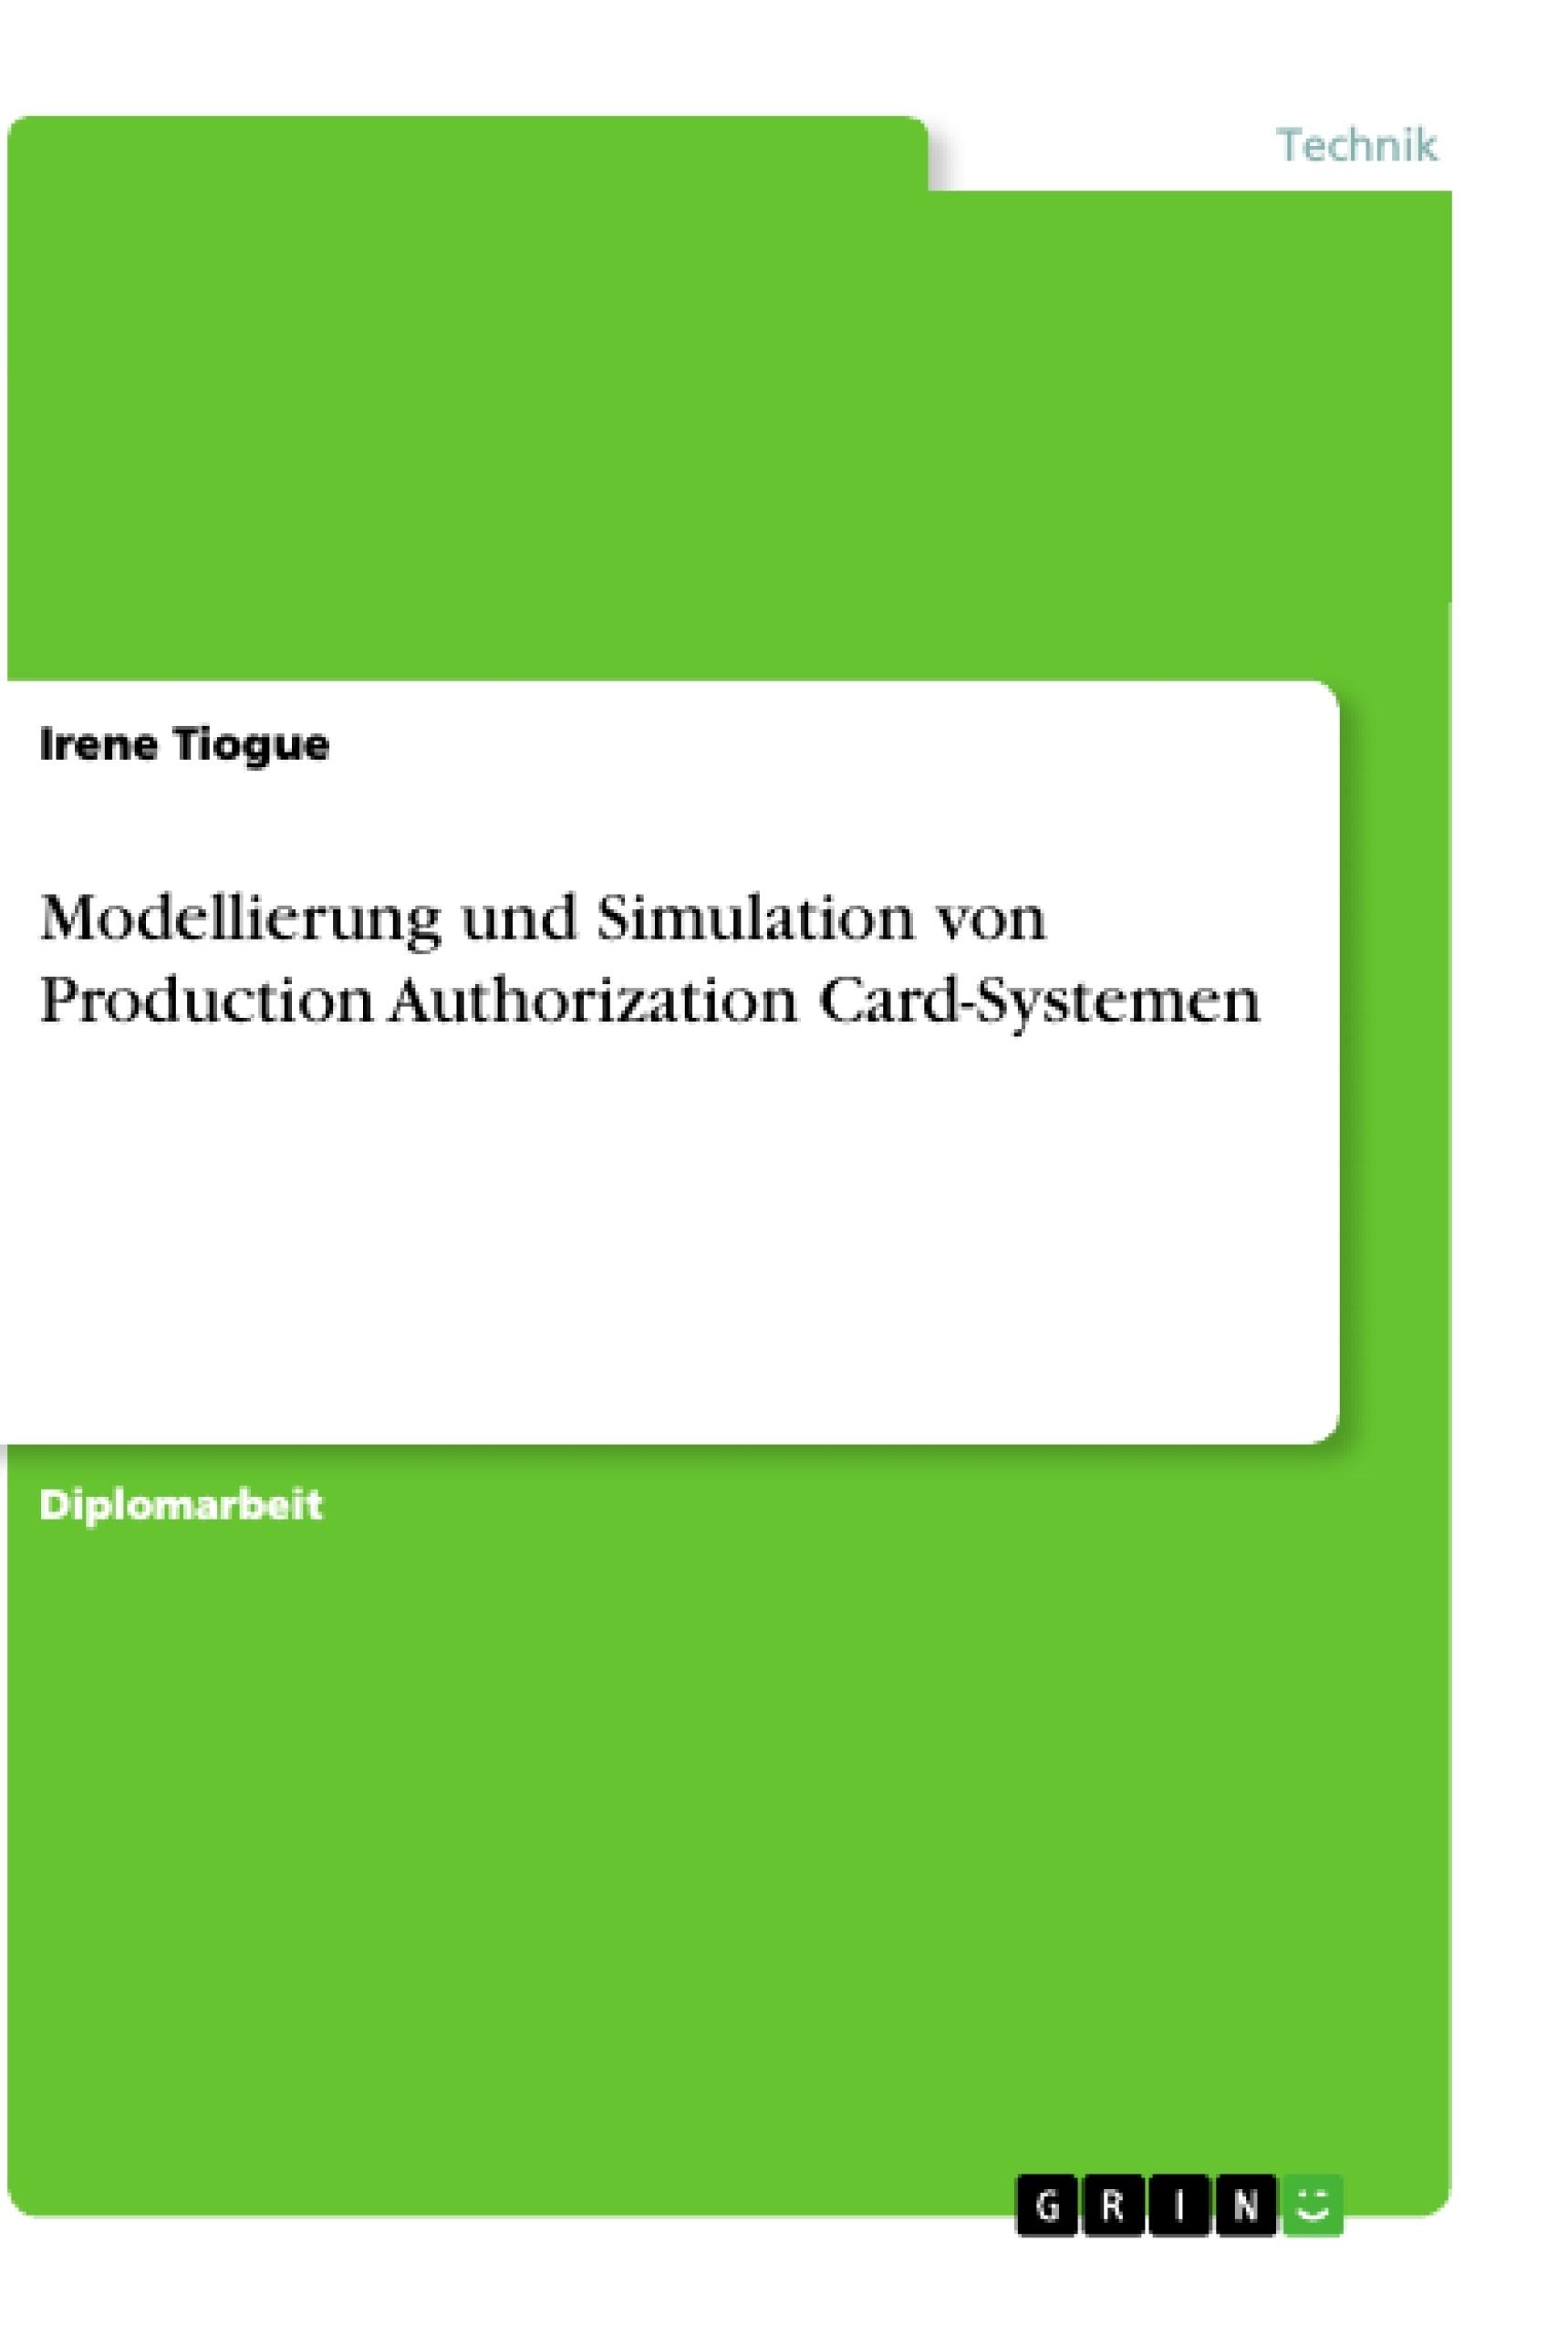 Titel: Modellierung und Simulation von Production  Authorization Card-Systemen